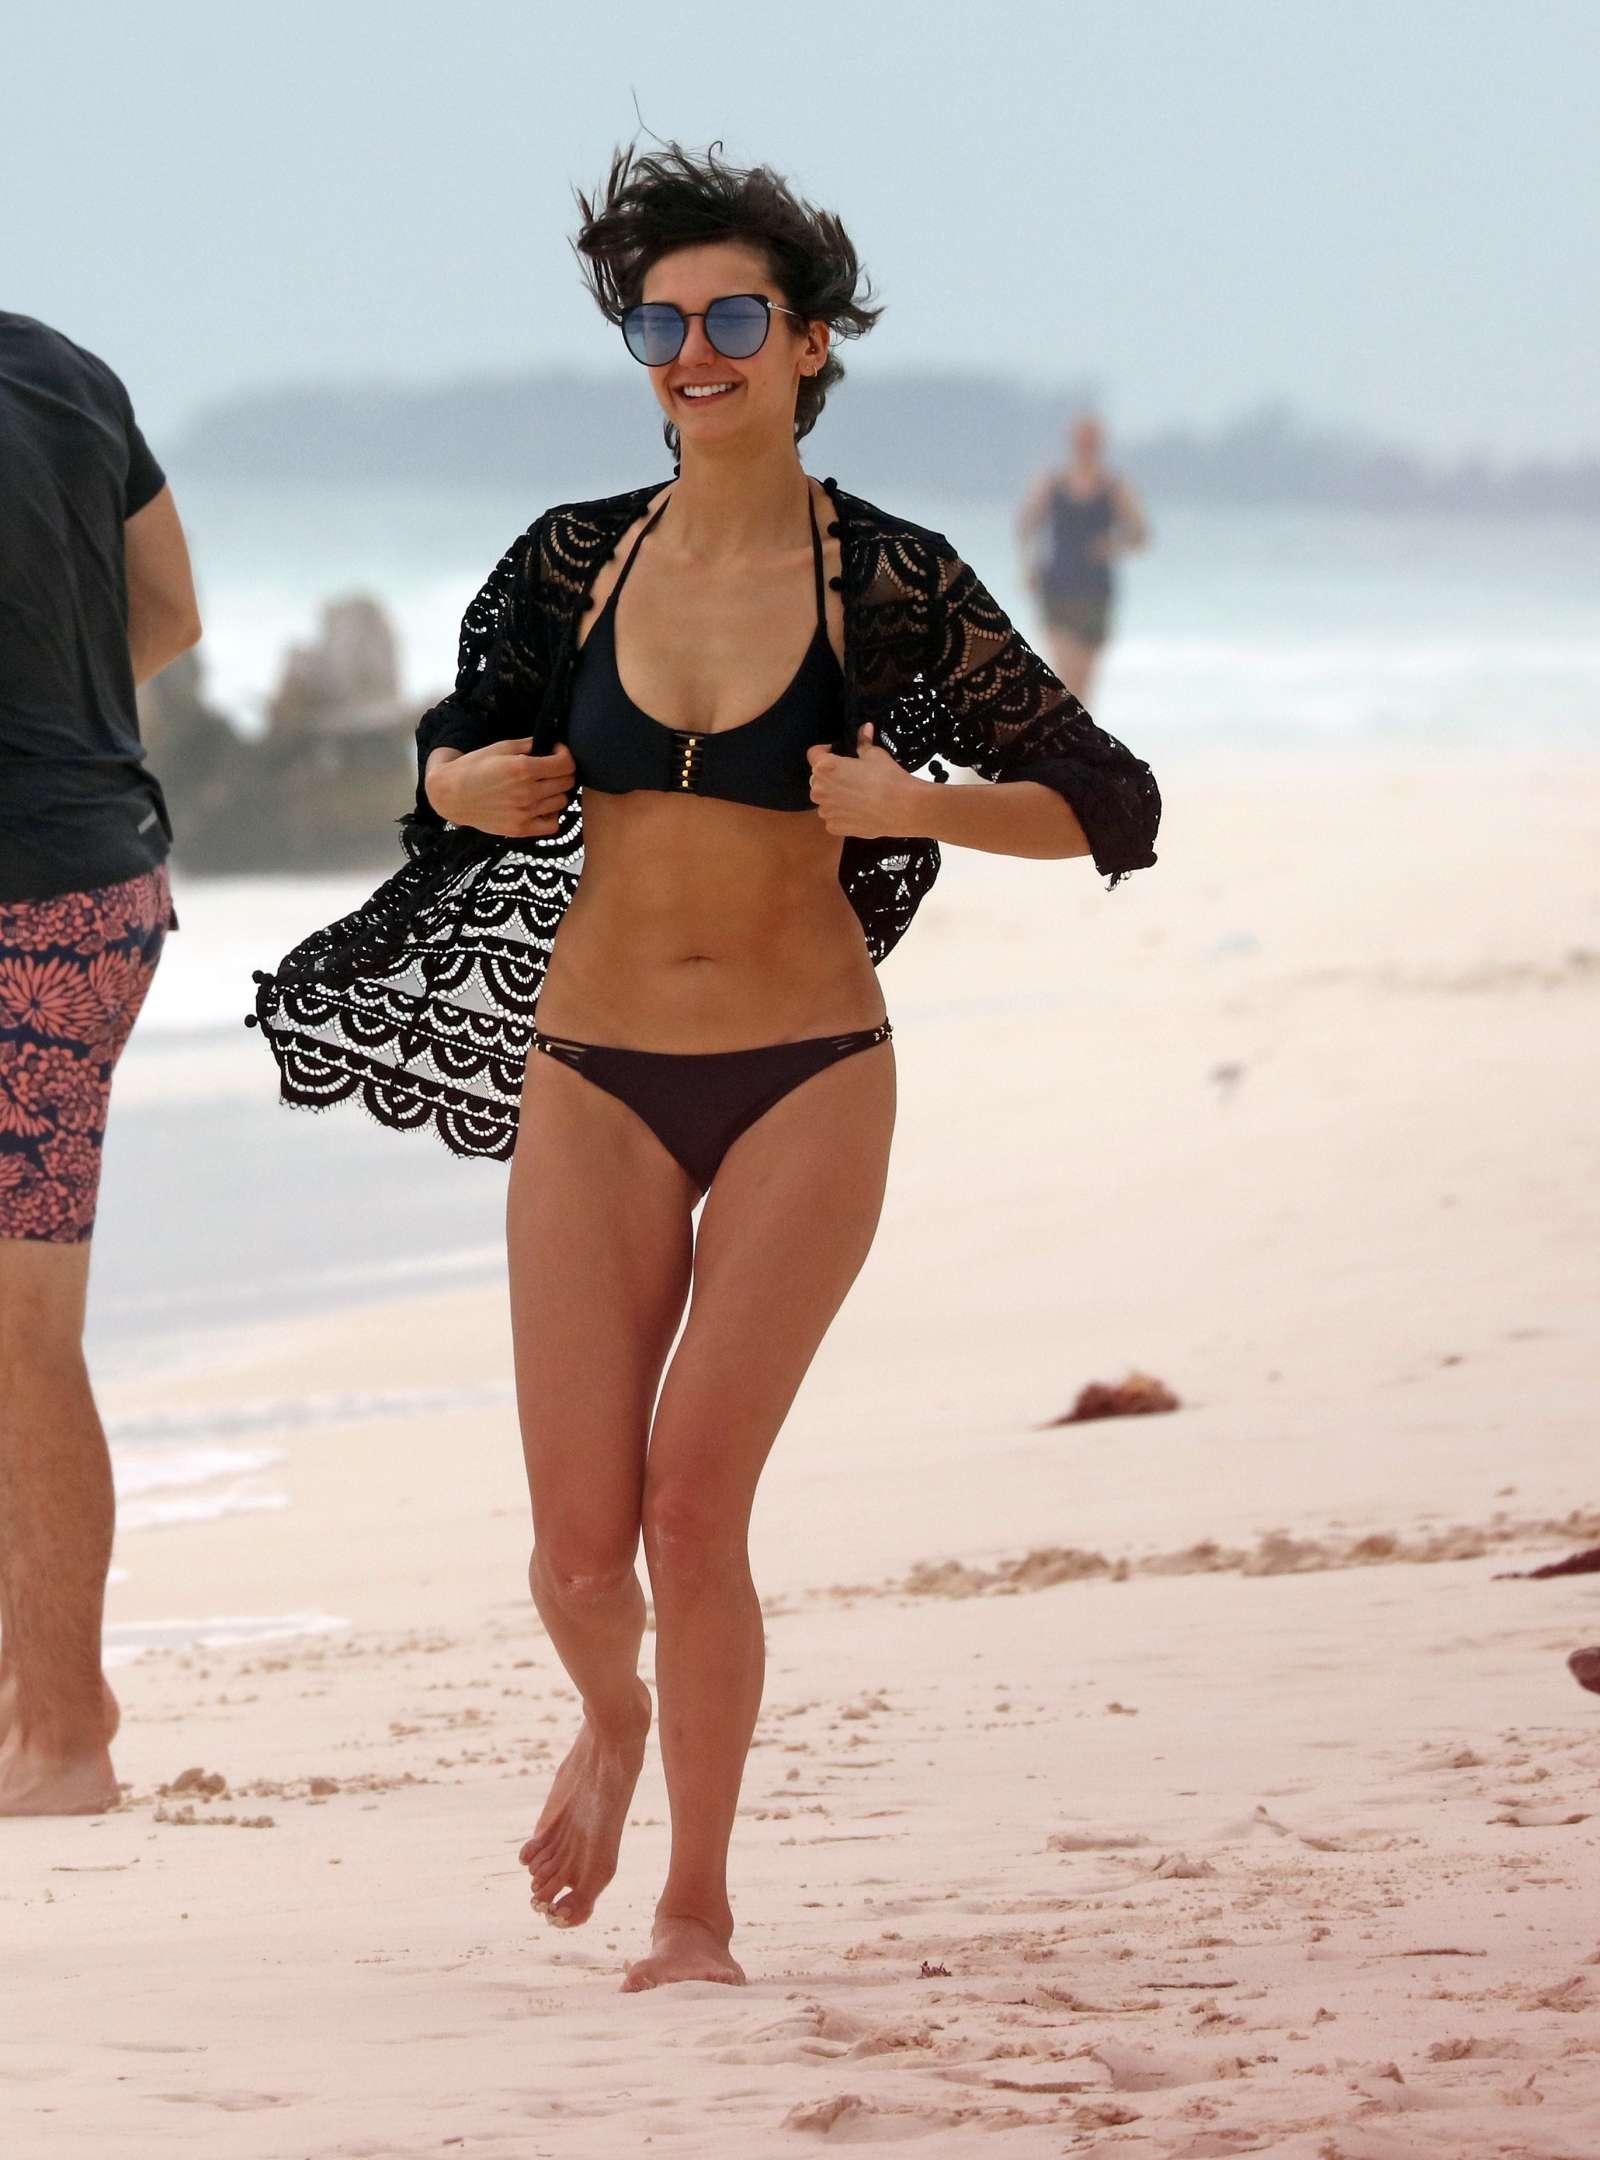 Nina Dobrev in Black Bikini at a Beach in Mexico